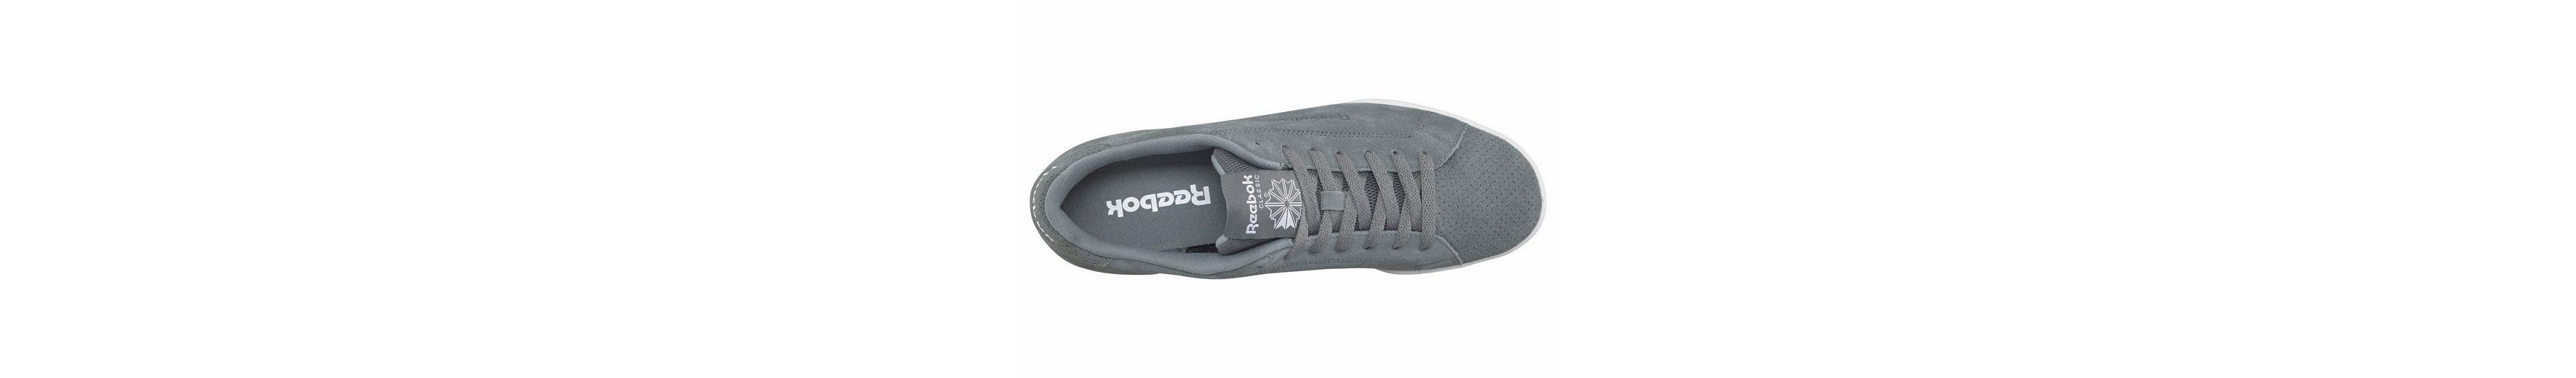 Reebok Classic NPC II S Sneaker Wirklich Online-Verkauf Billig Besten xScGPjv